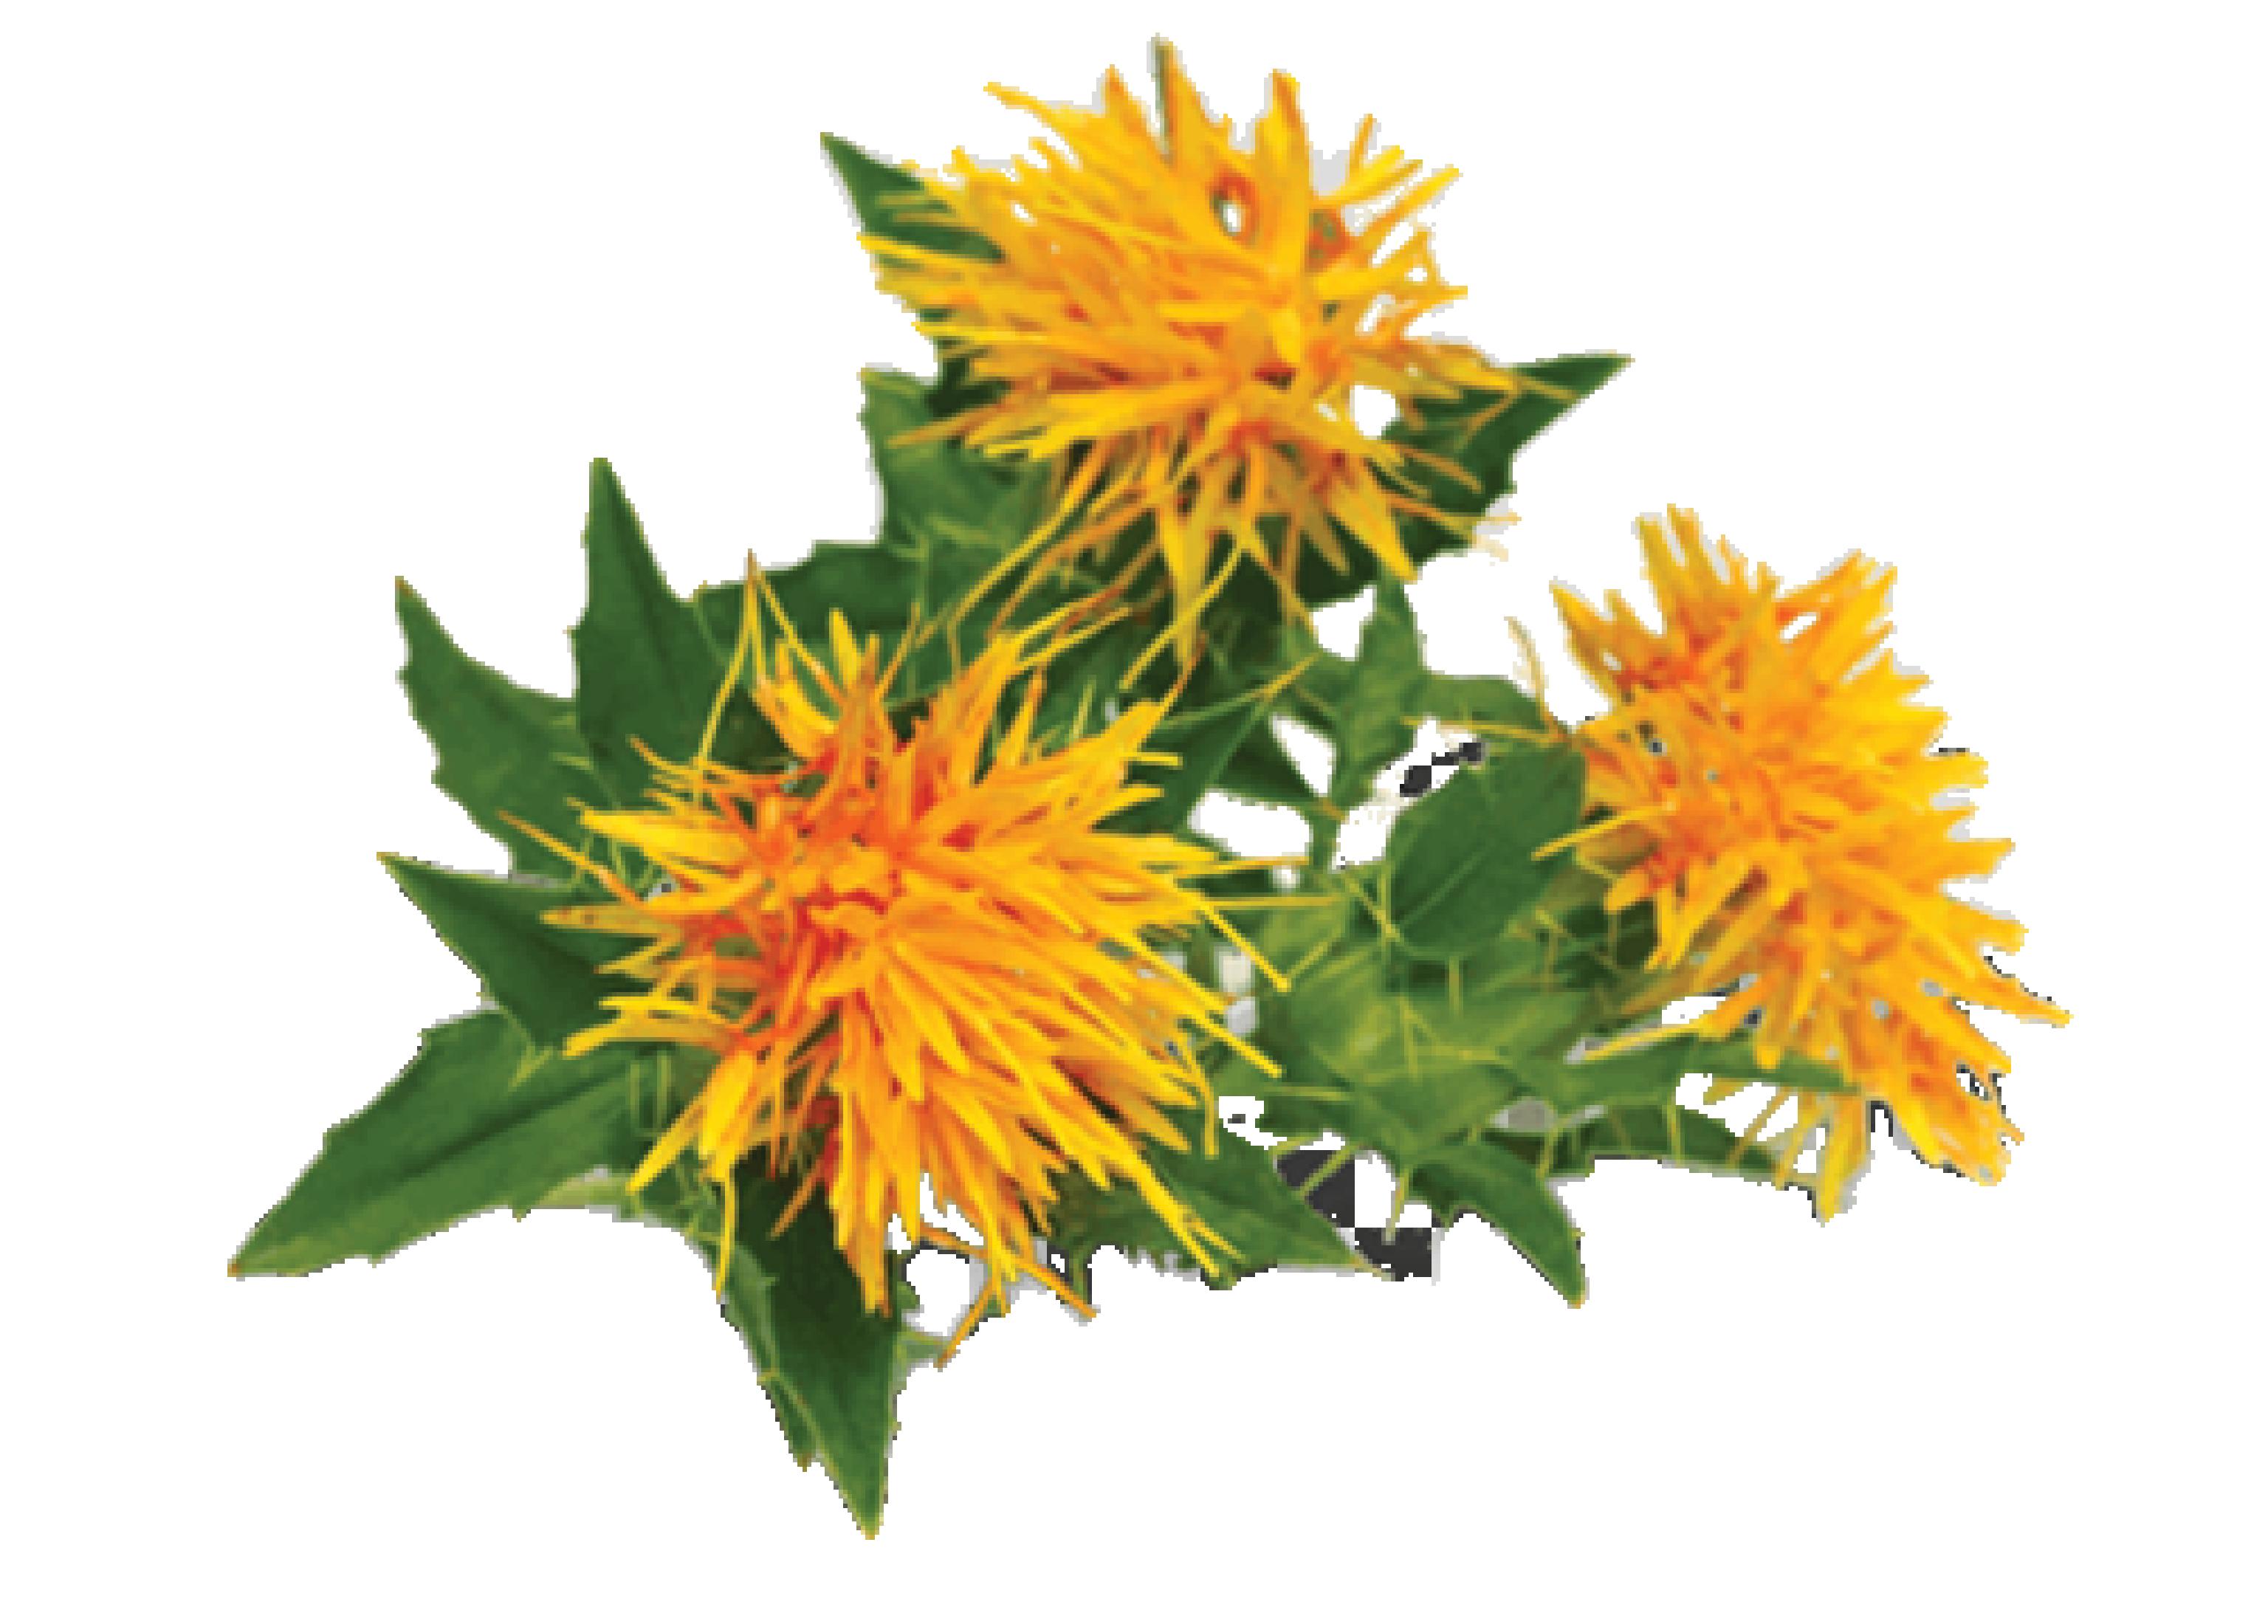 สารสกัดจากดอกคำฝอย (Safflower Extract)